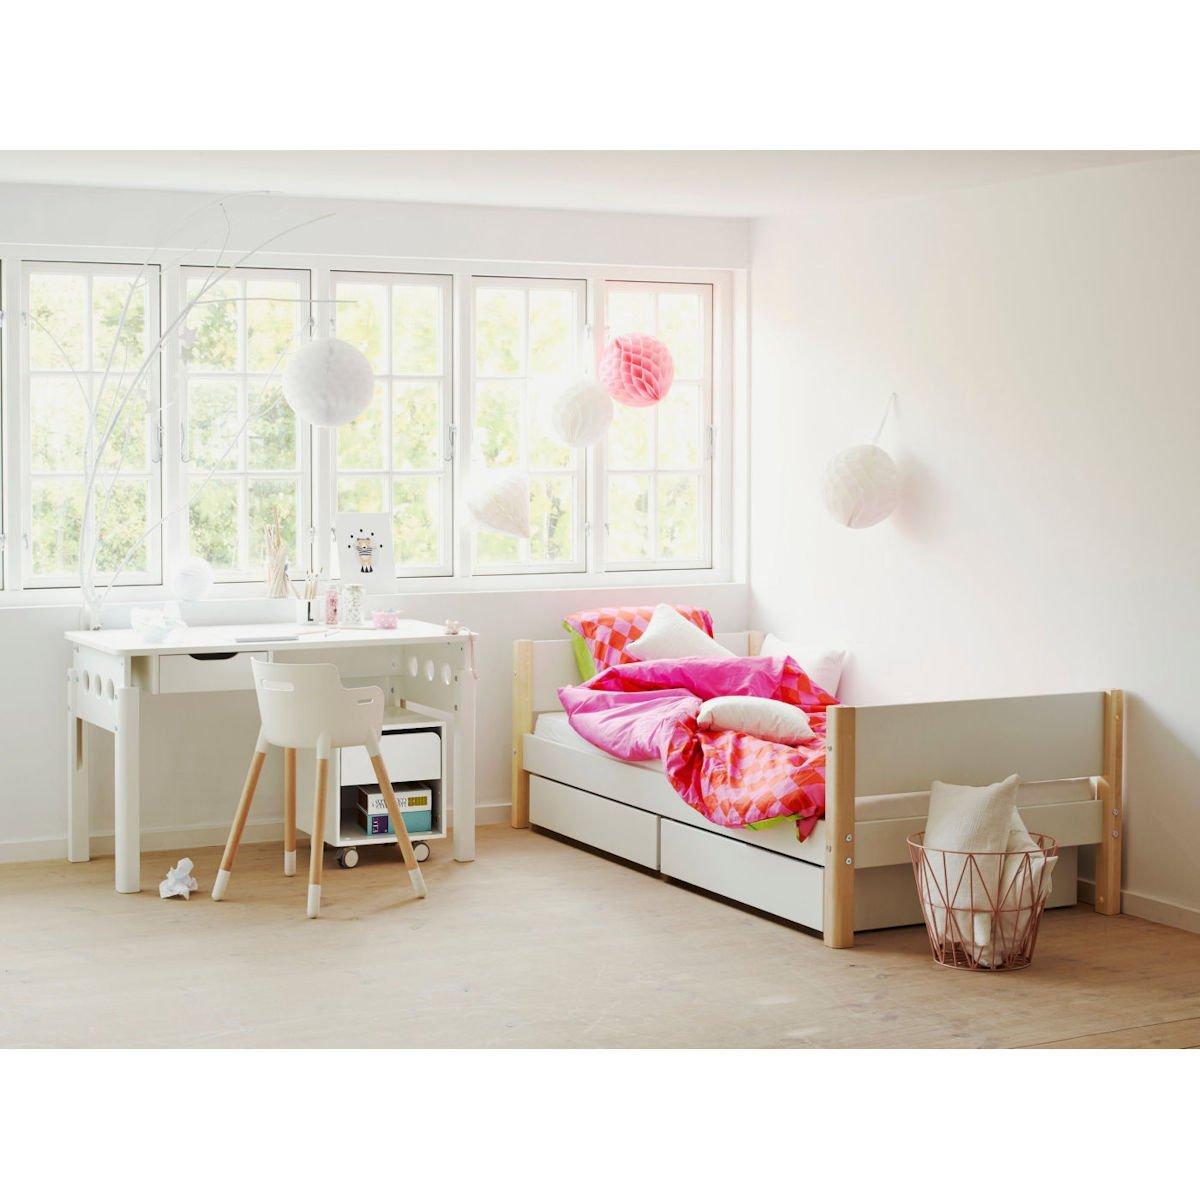 Exquisit Flexa White Einzelbett Sammlung Von 90x200 Cm Schübe U. Sicherung Weiß